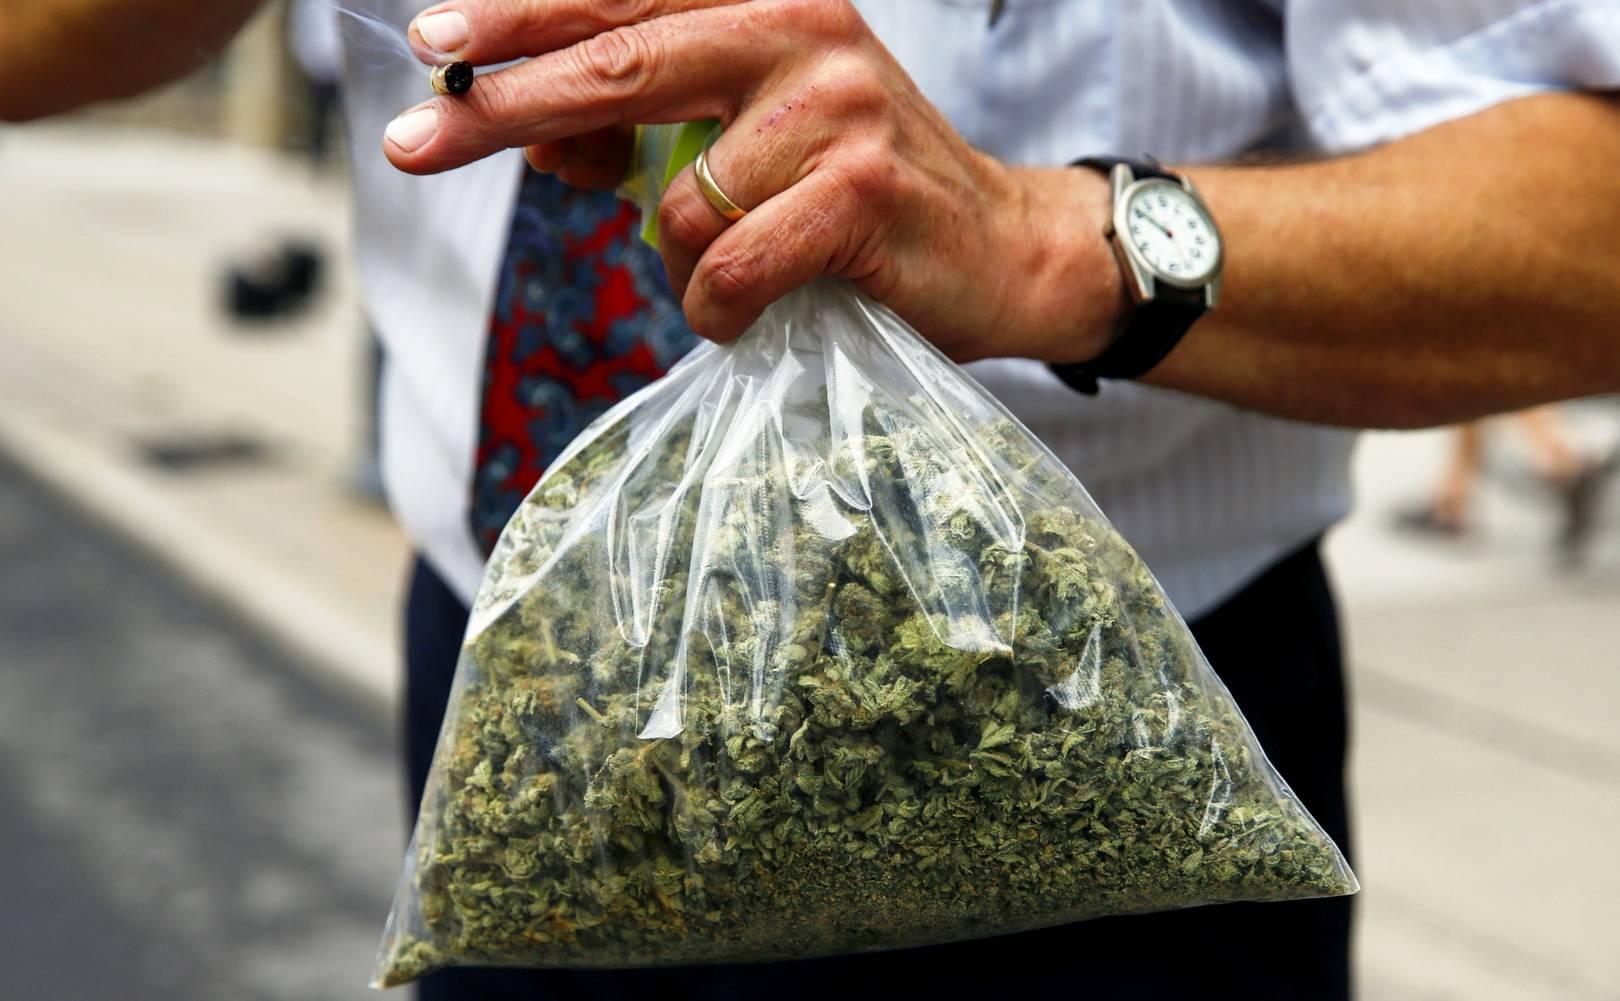 Zalety Stosowania Marihuany Medycznej, SprawdzoneNasiona